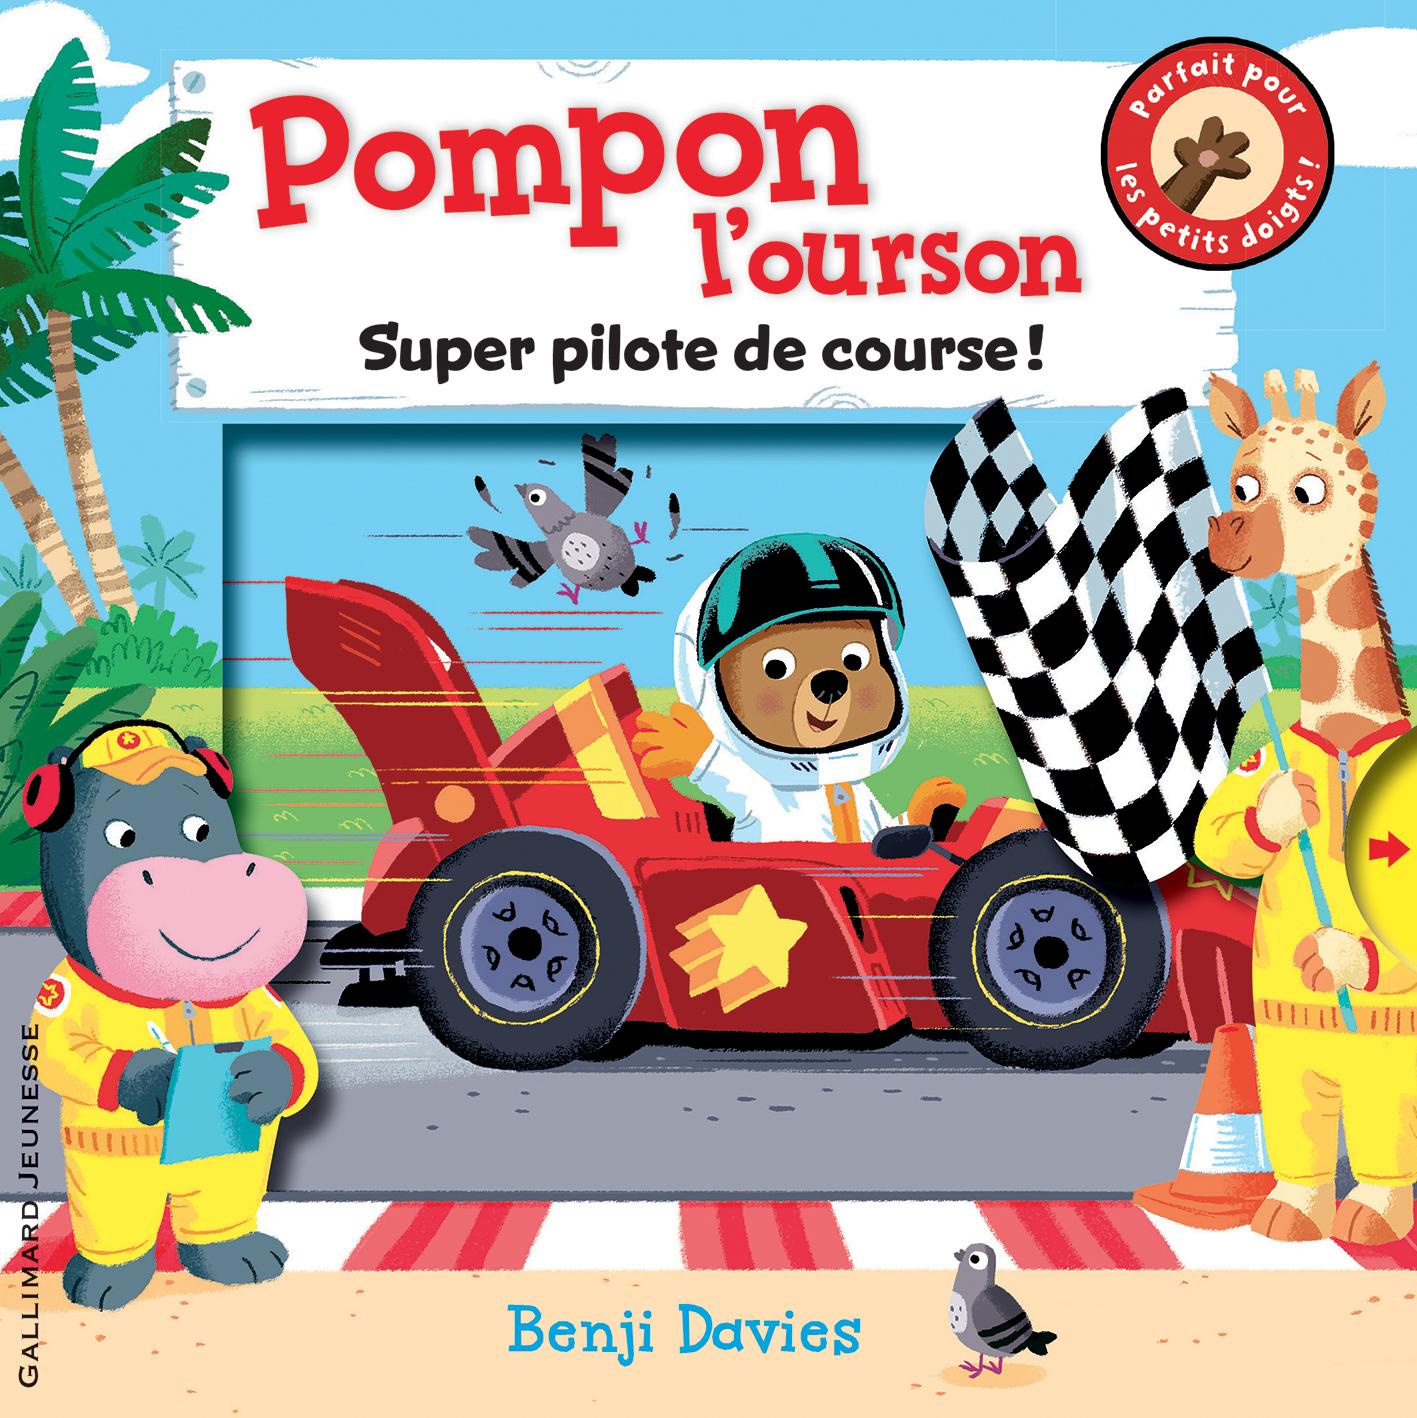 POMPON L'OURSON SUPER PILOTE DE COURSE !